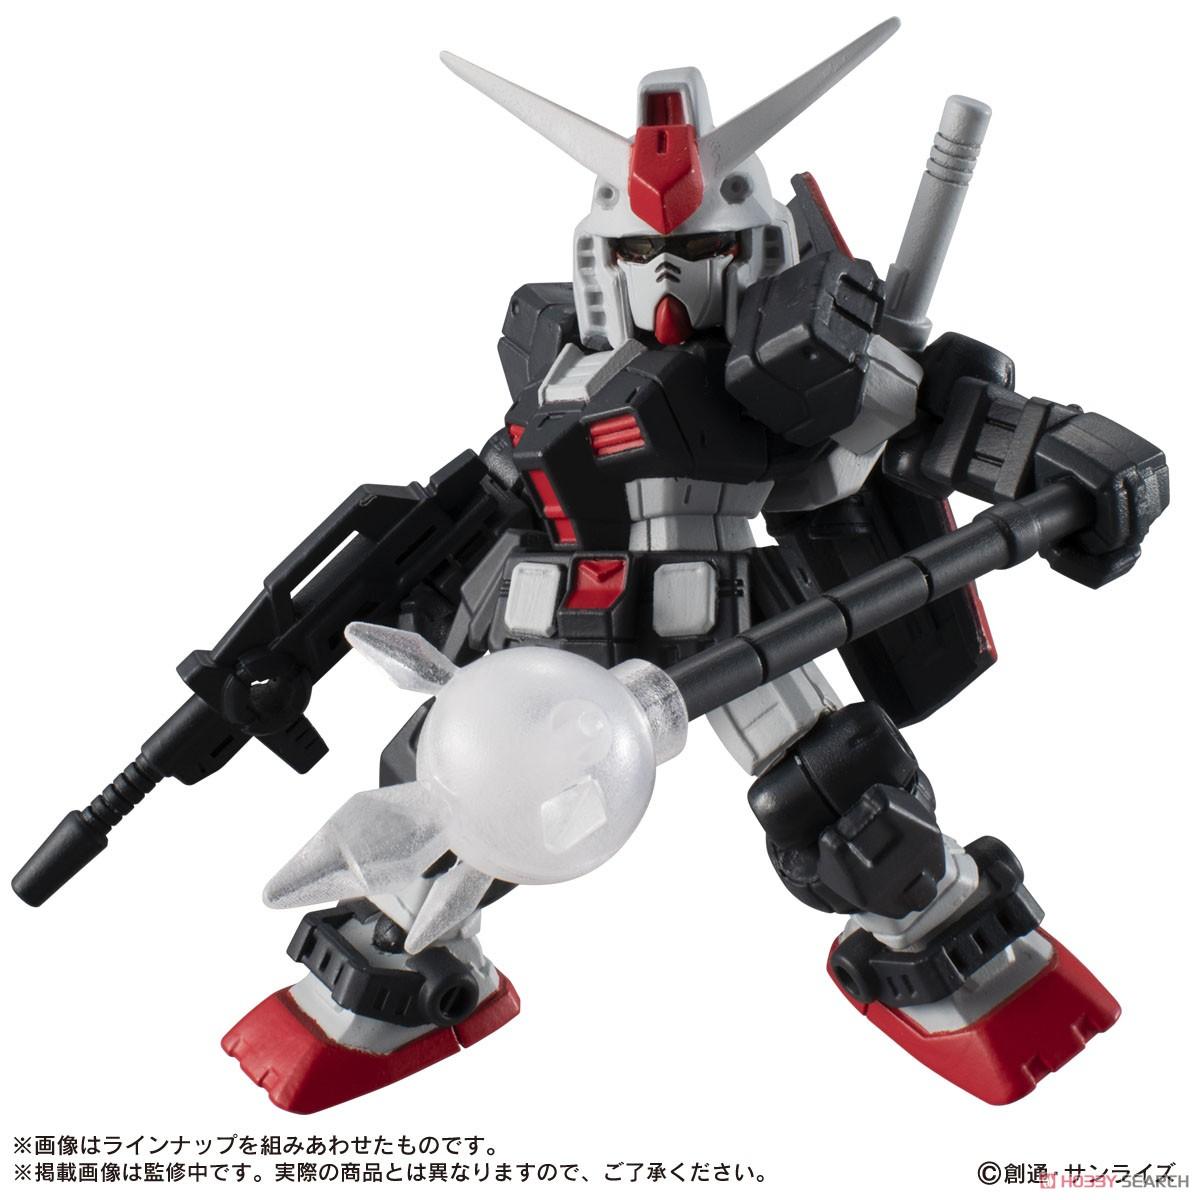 機動戦士ガンダム『MOBILE SUIT ENSEMBLE18』デフォルメ可動フィギュア 10個入りBOX-007